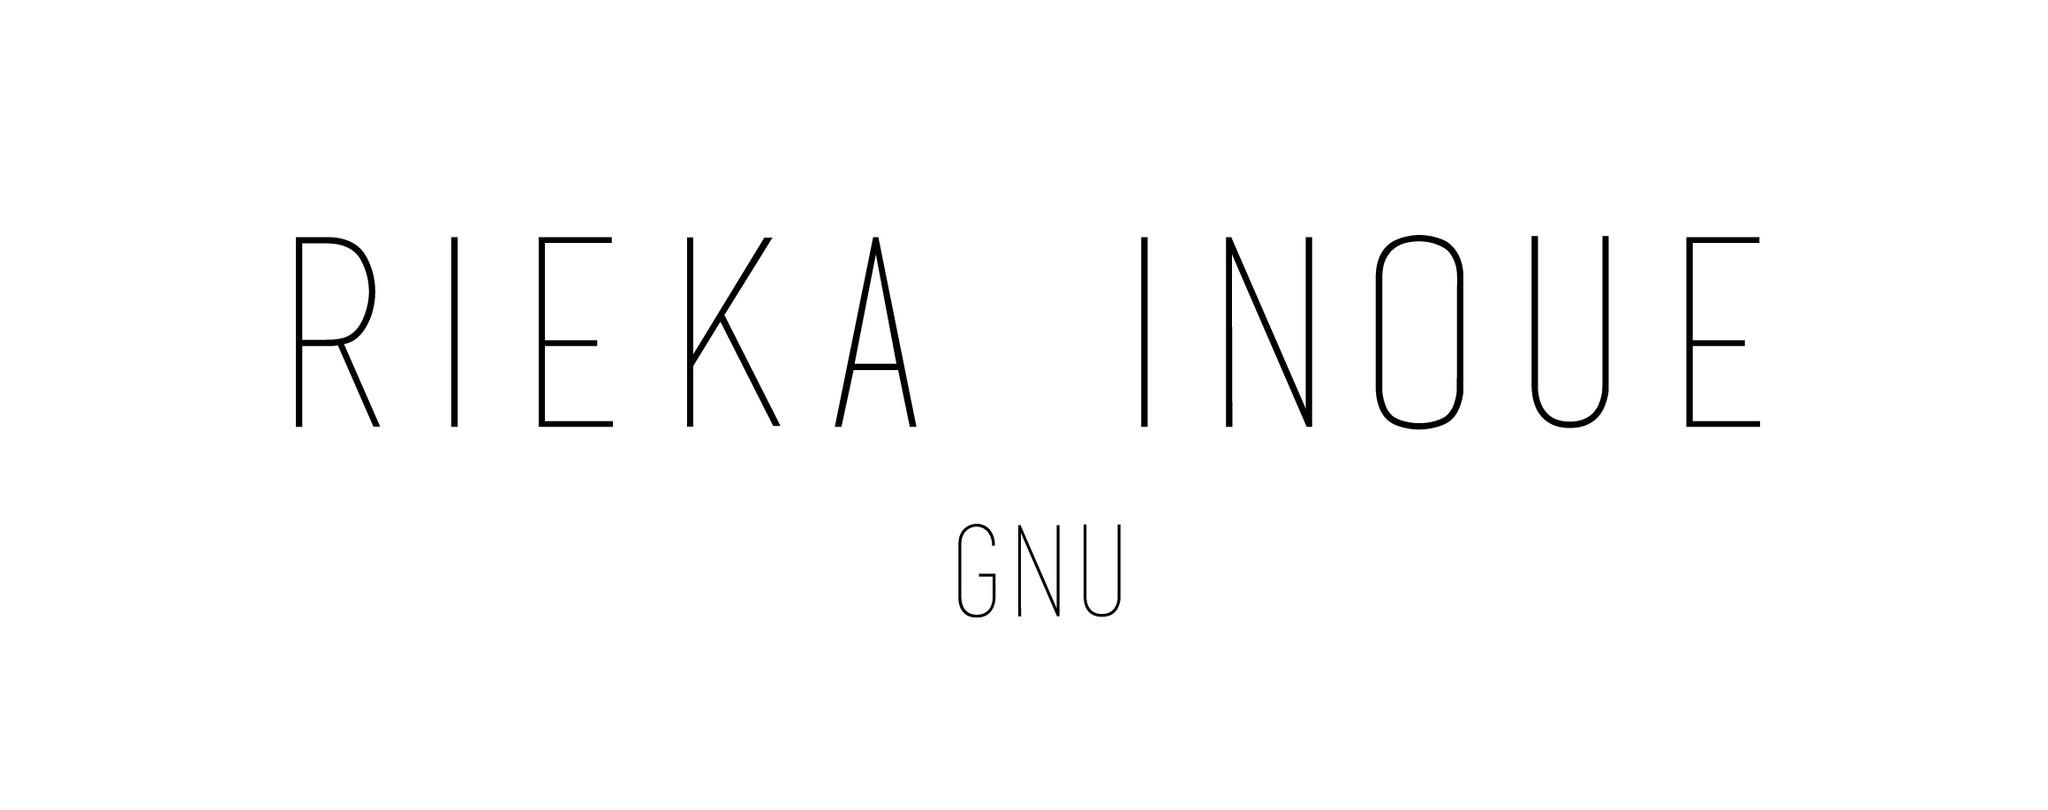 RIEKA INOUE GNU